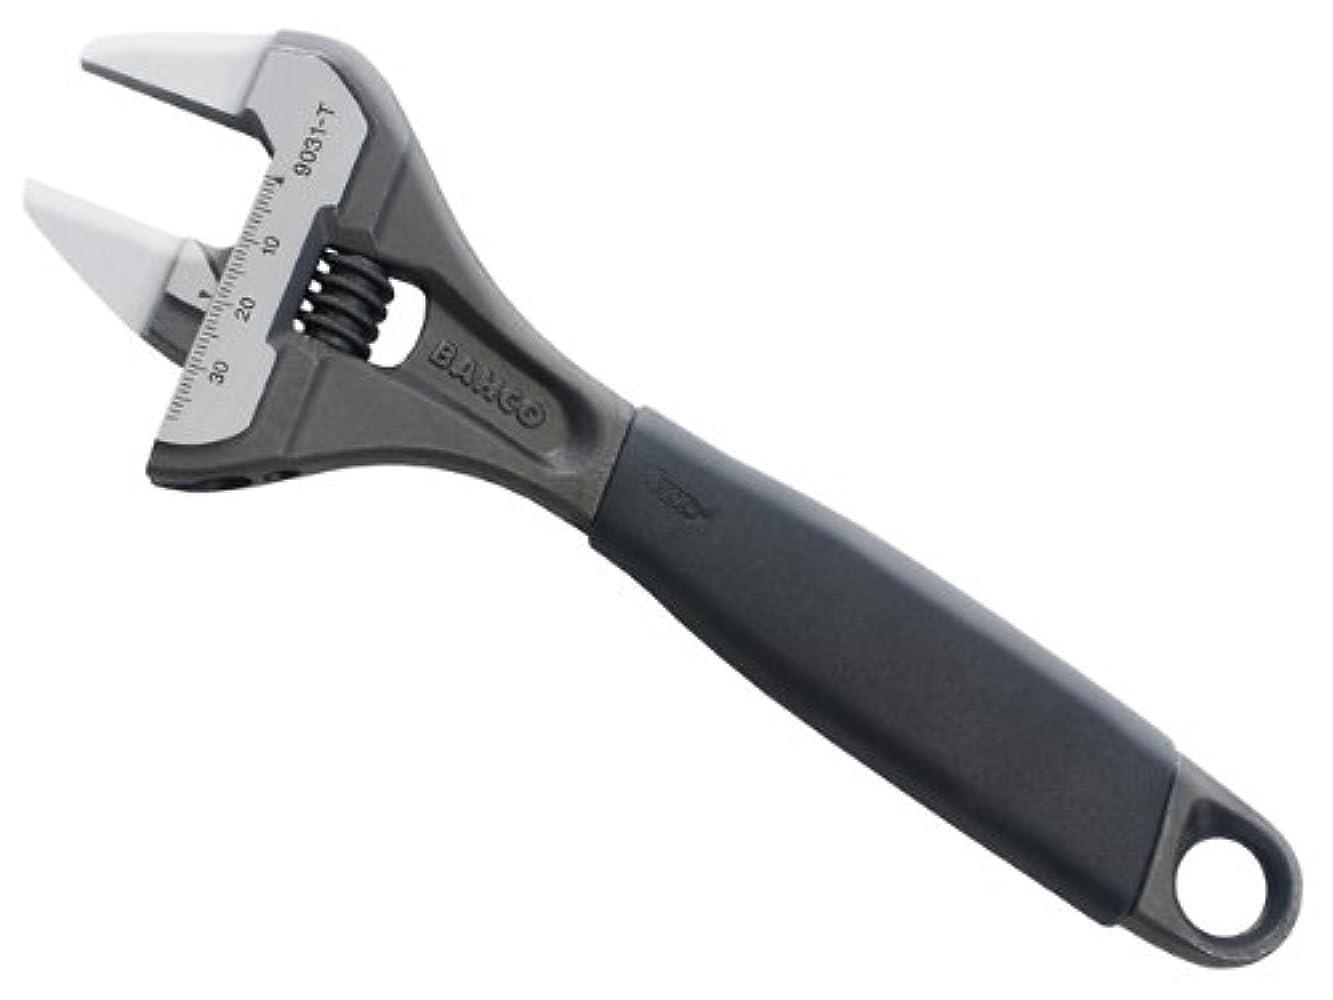 否認するスムーズに堤防BAHCO(バーコ) Adjustable Wrench Thin type 薄口大口モンキーレンチ 9029-T